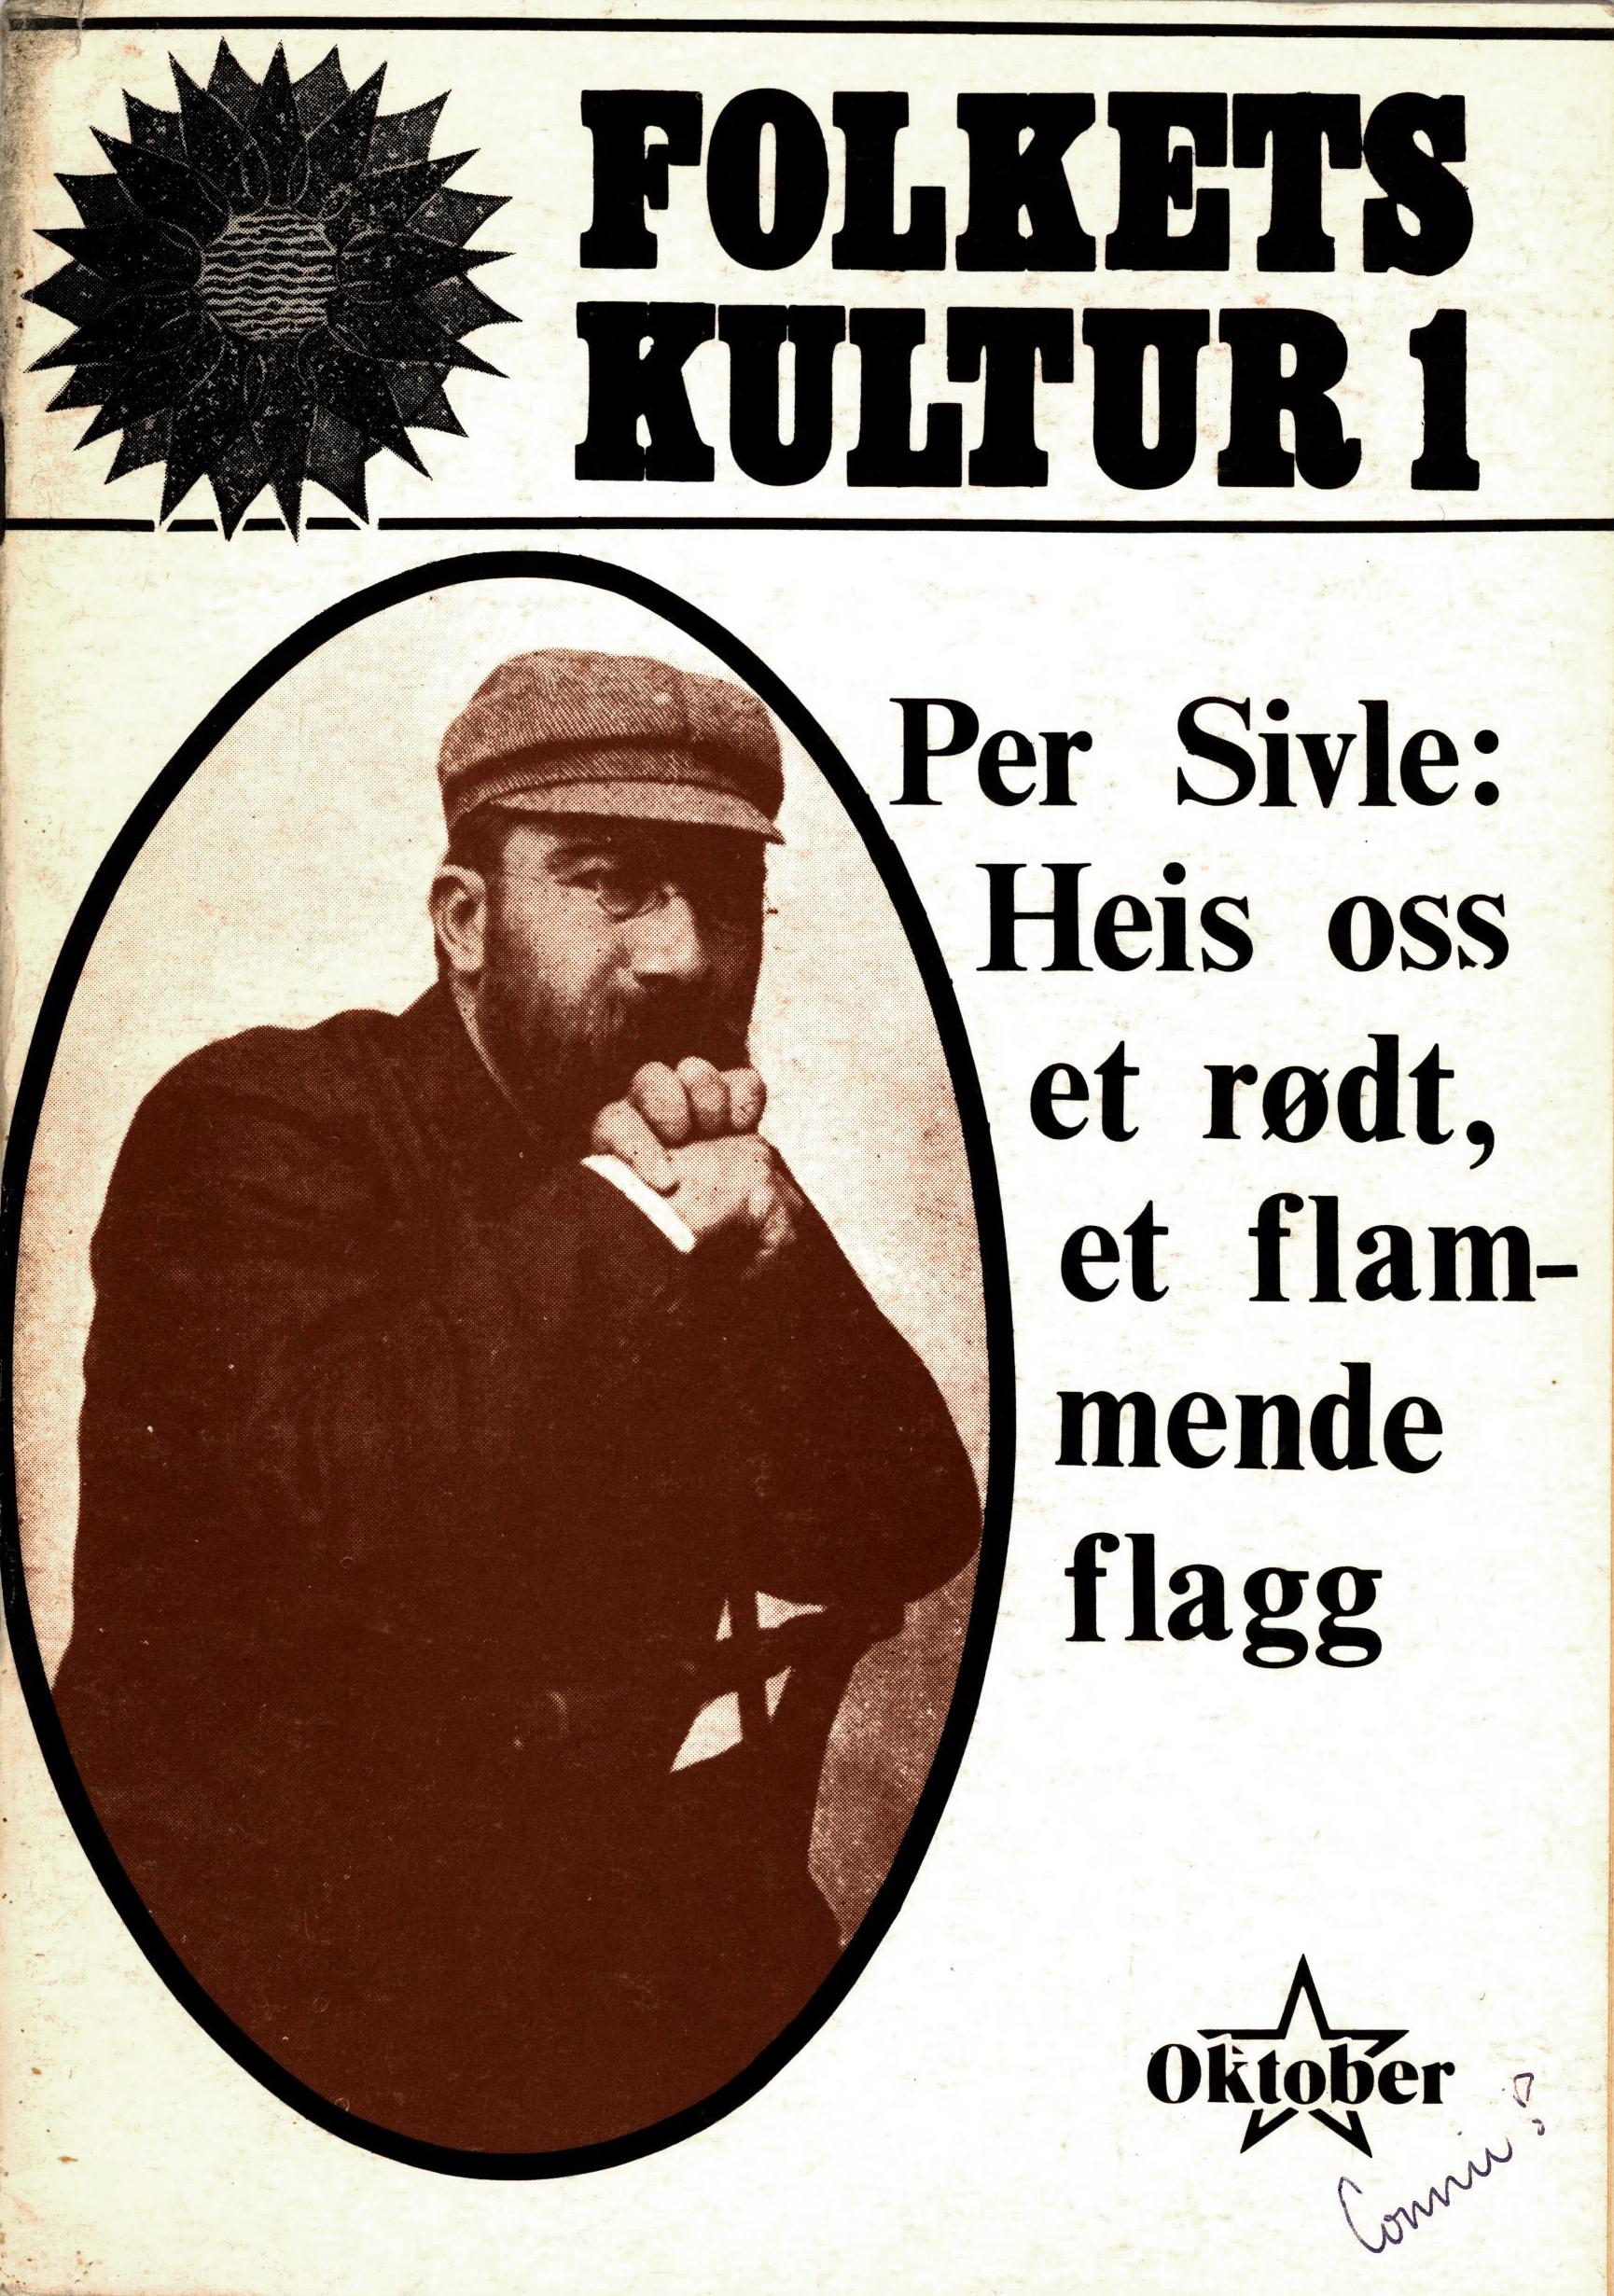 Folkets kultur #1: Per Sivle: Heis oss et rødt, et flammende flagg